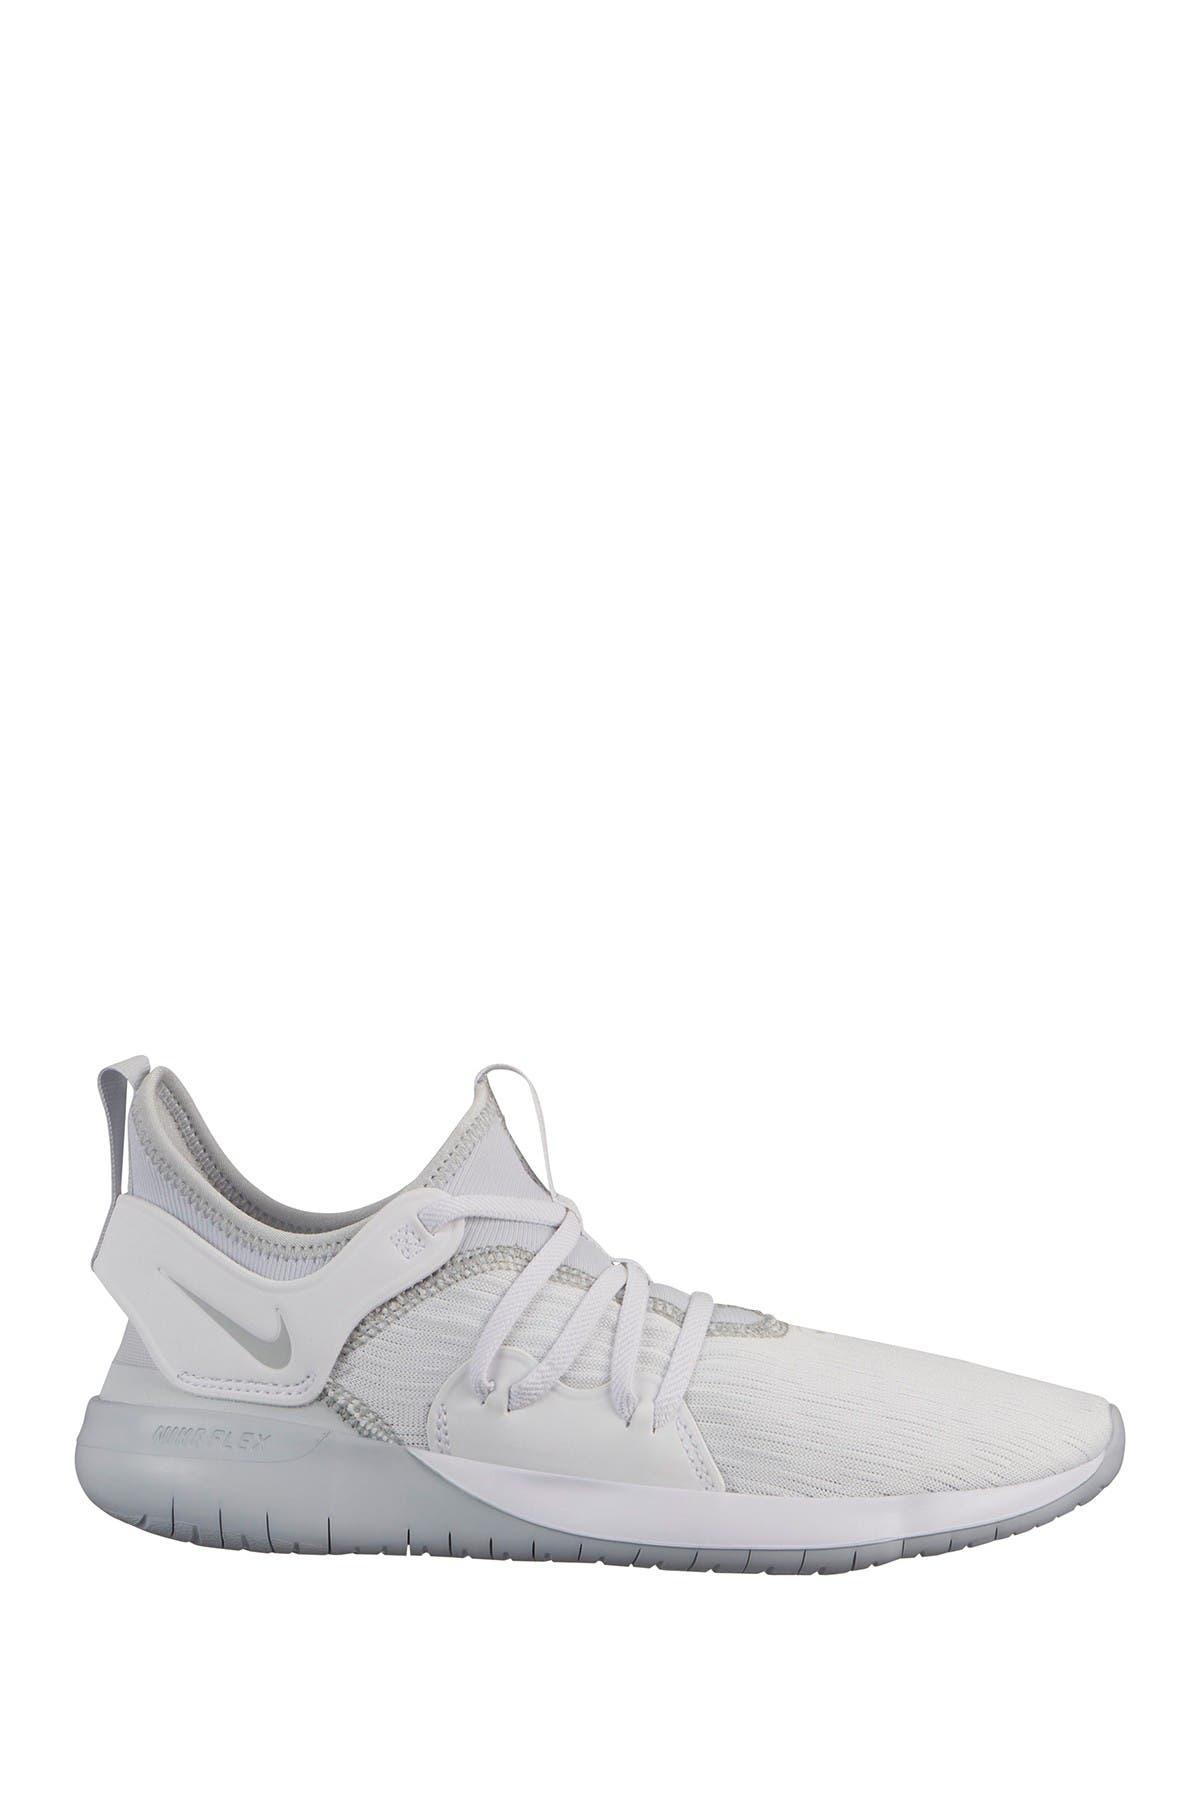 Nike | Flex Contact 3 Sneaker | HauteLook